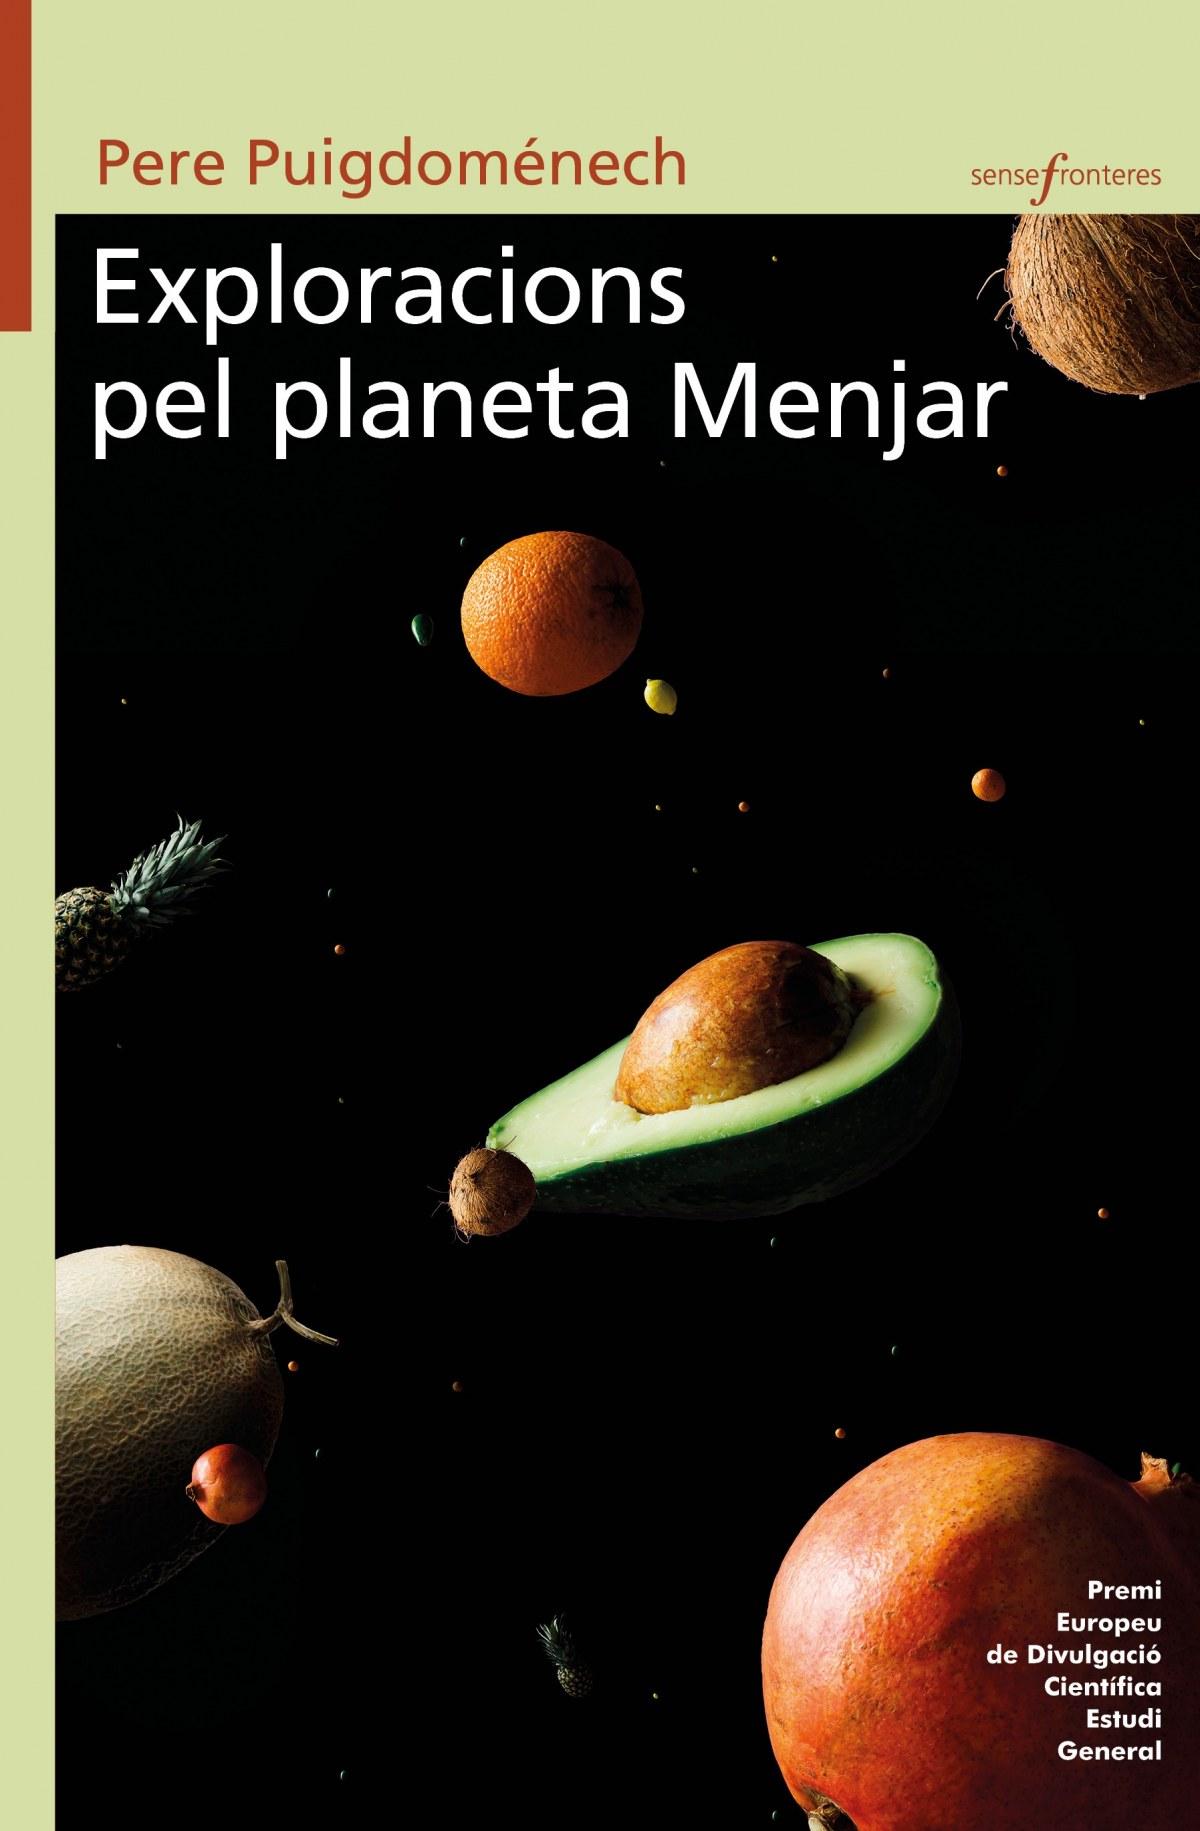 EXPLORACIONS PEL PLANETA MENJAR